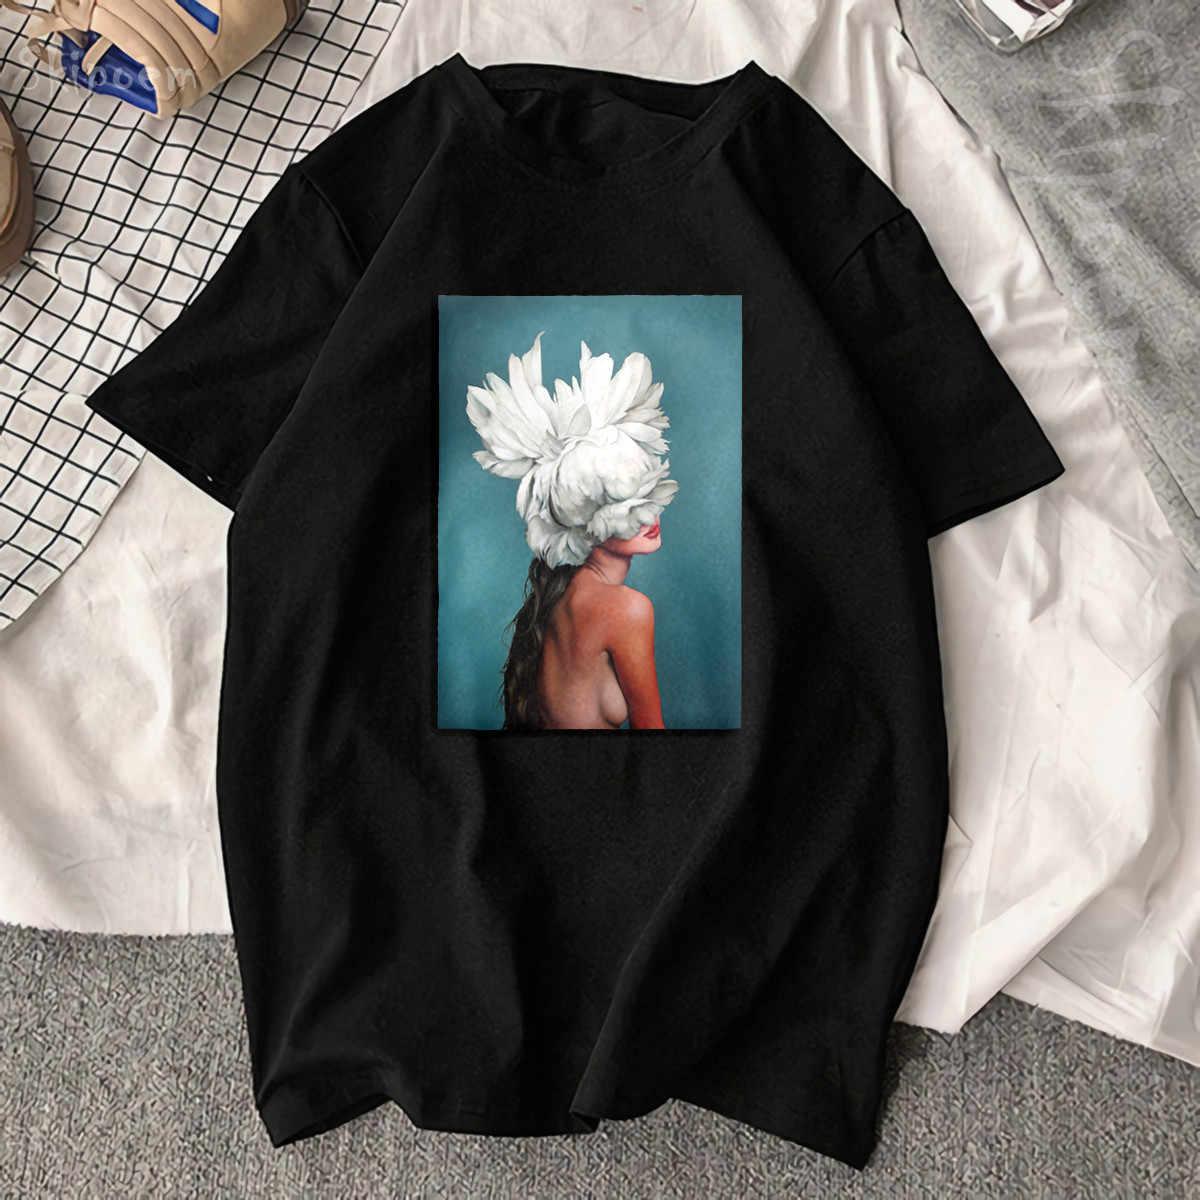 Новый хлопок Harajuku Эстетическая футболка сексуальные цветы перо печати короткий рукав Топы И Футболки модные повседневные парные футболки